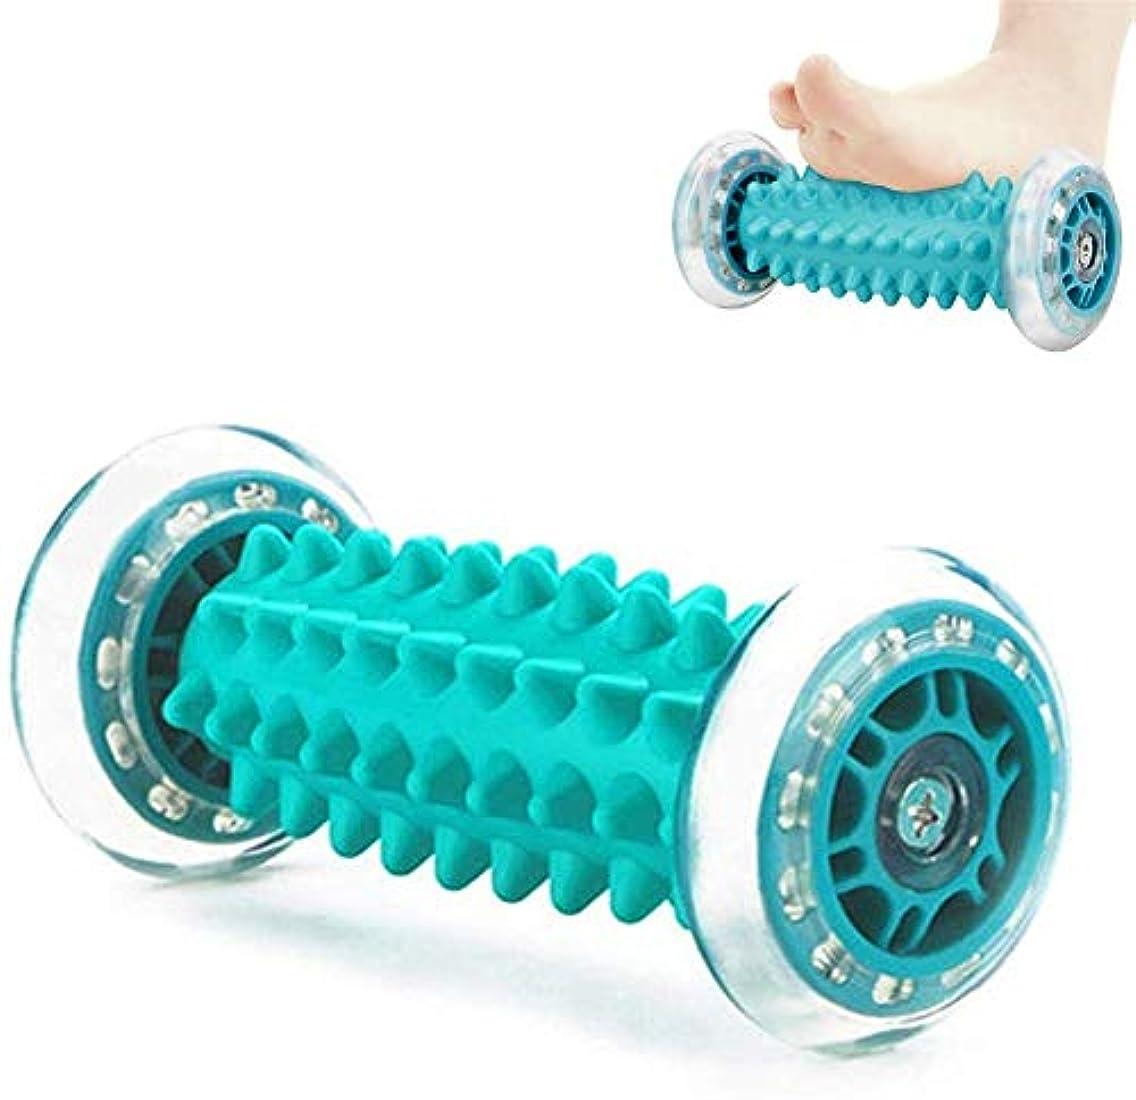 暗い合図日光フットマッサージローラー、足や手のマッサージ救済ストレスとリラクゼーションマッサージ足底筋膜炎、ヒール&フットアーチの痛みのためのフットバック脚ハンドタイトな筋肉をリラックス